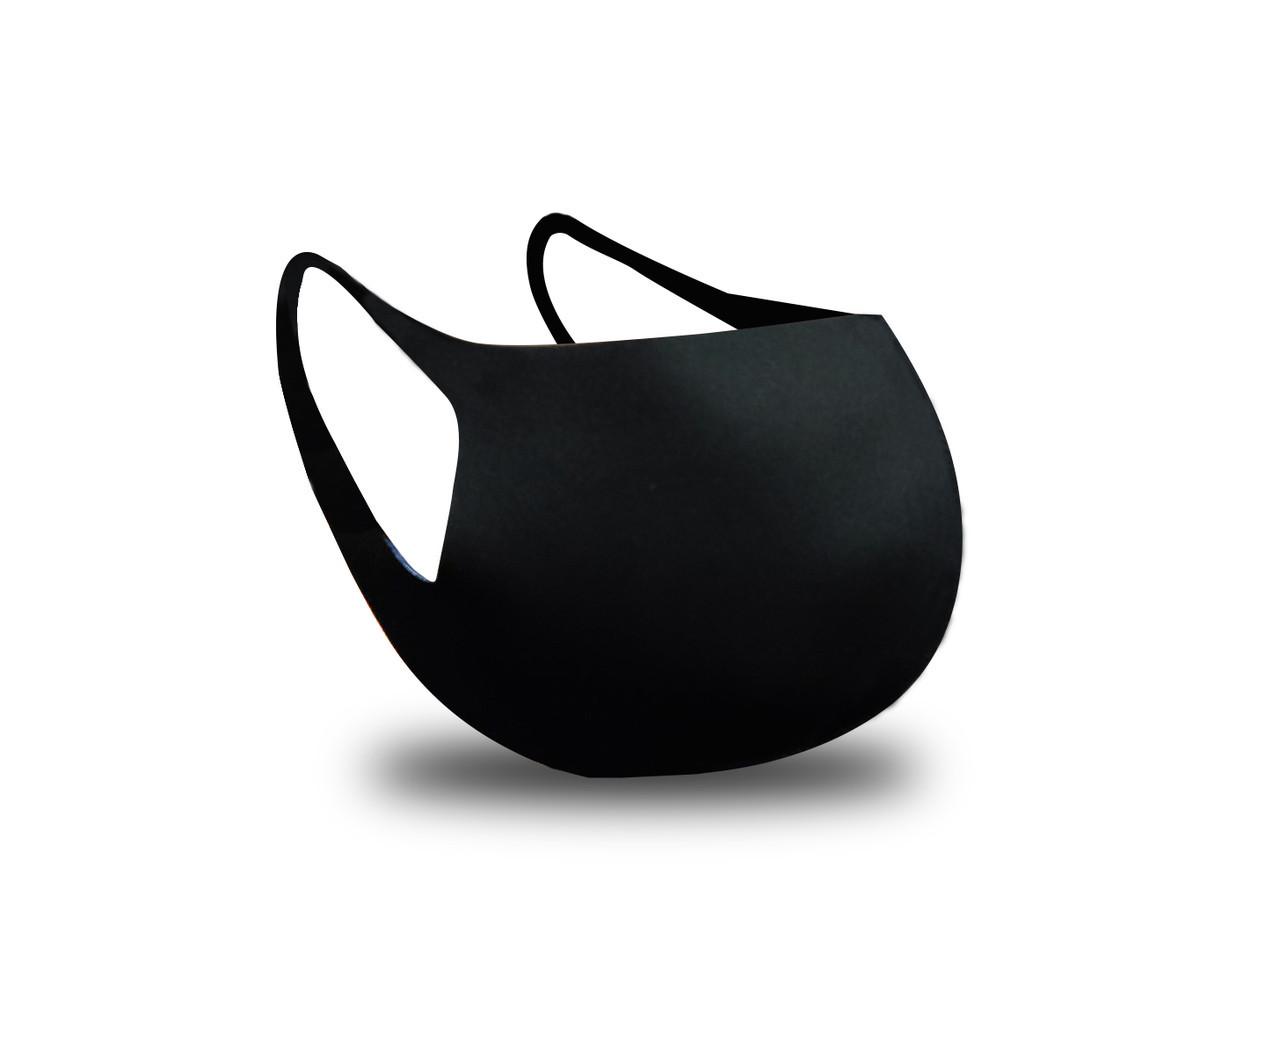 Багаторазова захисна маска для обличчя Fandy+ Standart 3-х шаровий неопрен чорна жіноча